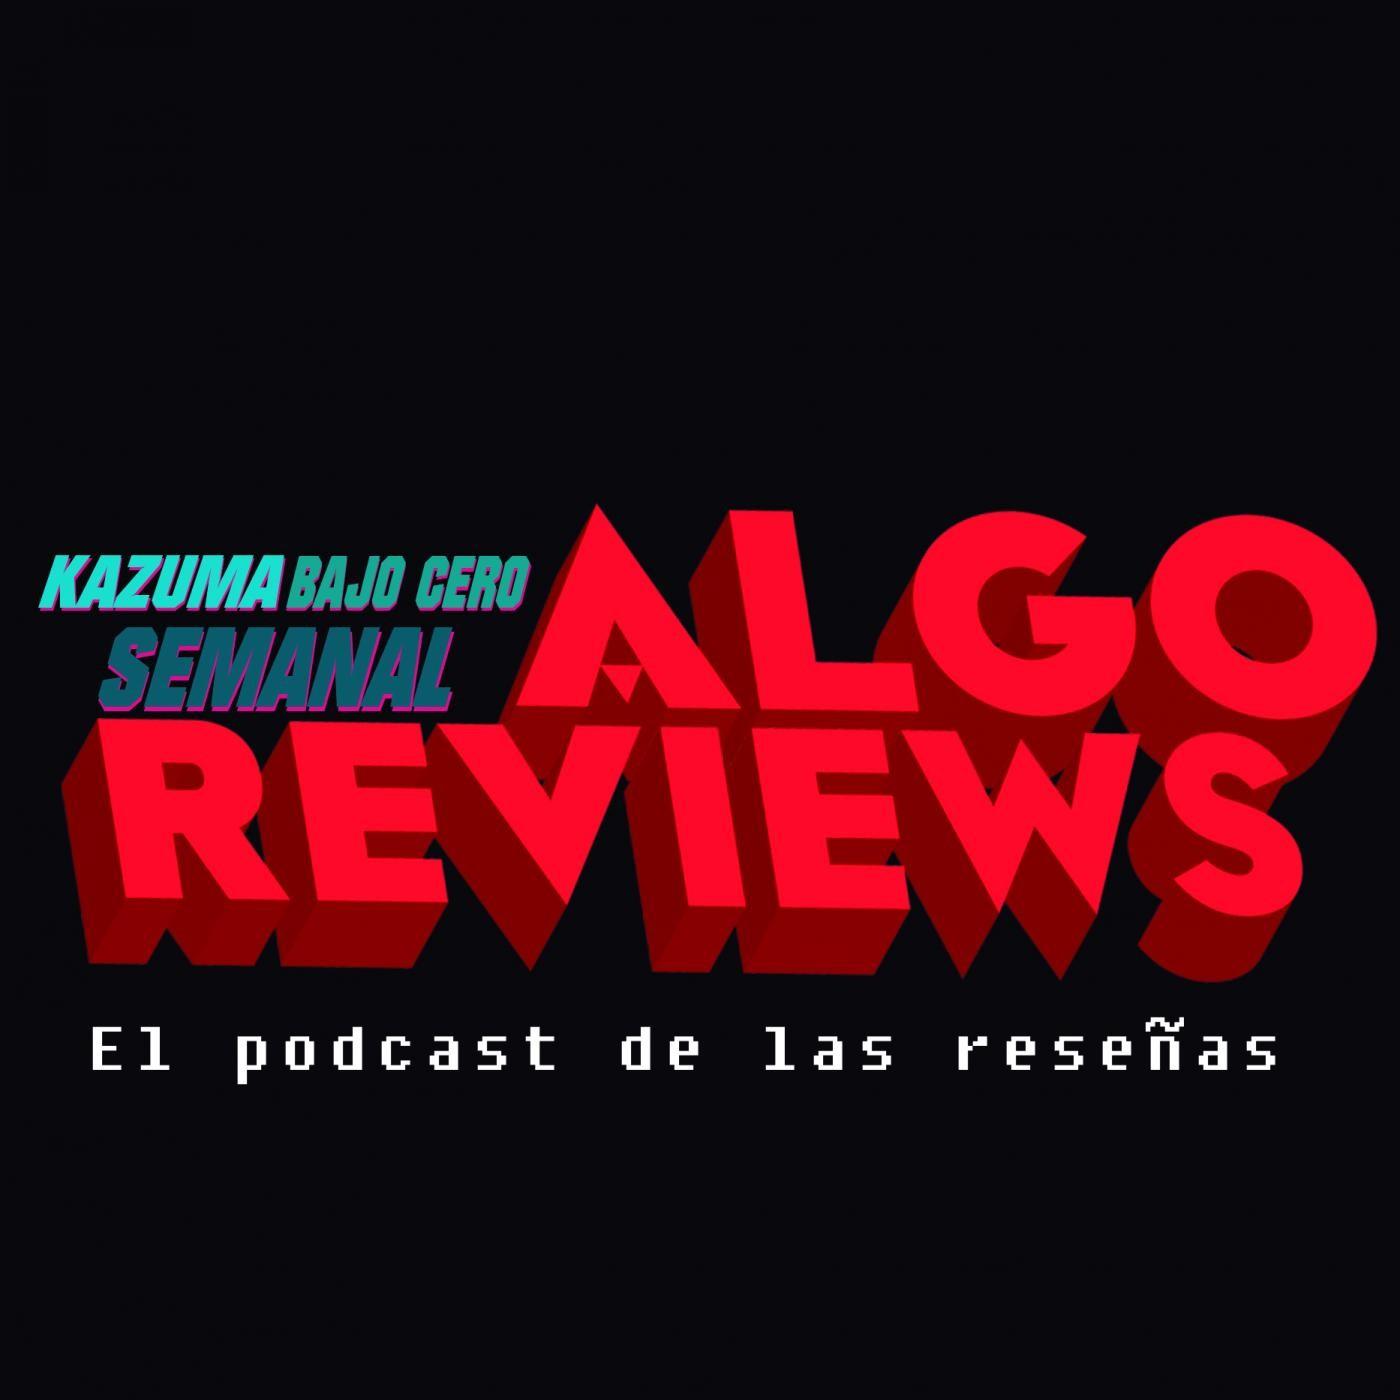 <![CDATA[Algo Reviews]]>